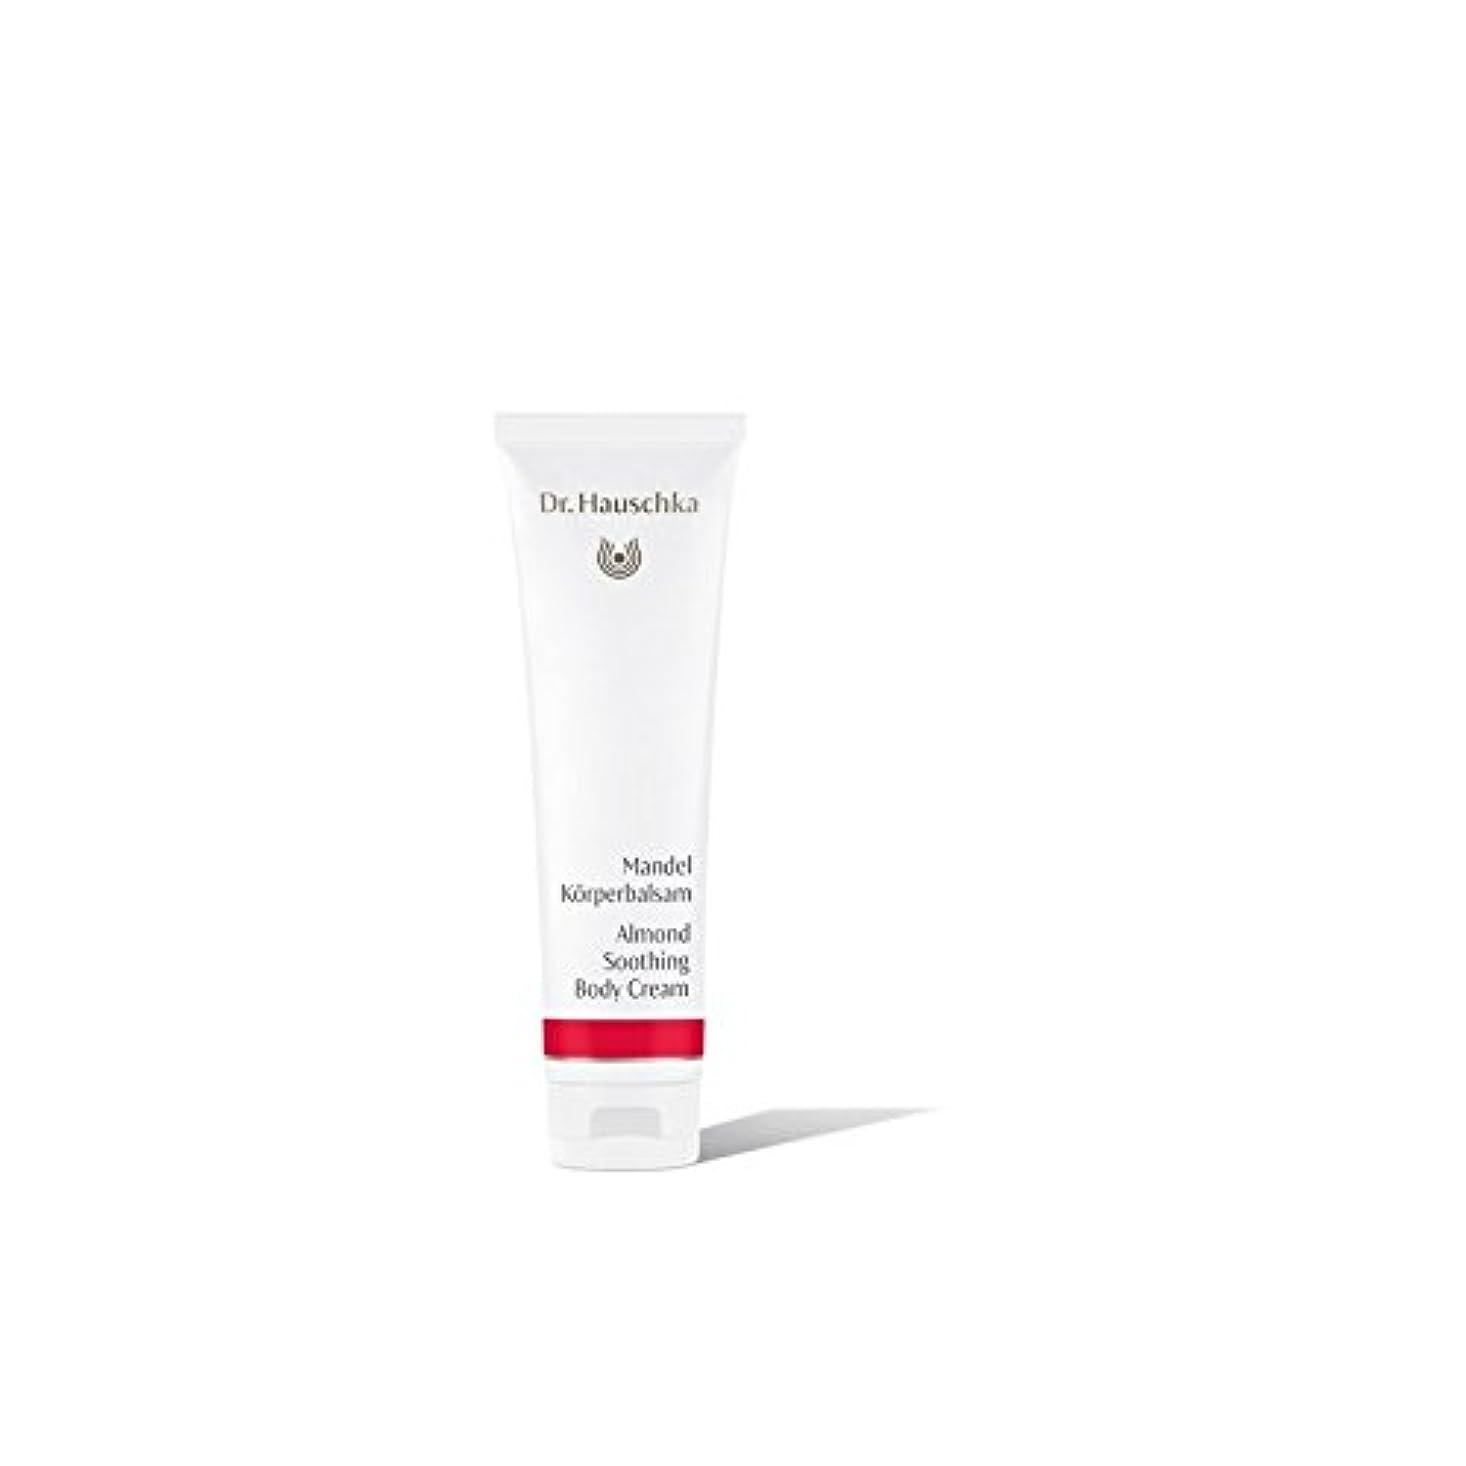 パラナ川リンケージ感謝祭ハウシュカアーモンドなだめるボディクリーム(145ミリリットル) x4 - Dr. Hauschka Almond Soothing Body Cream (145ml) (Pack of 4) [並行輸入品]